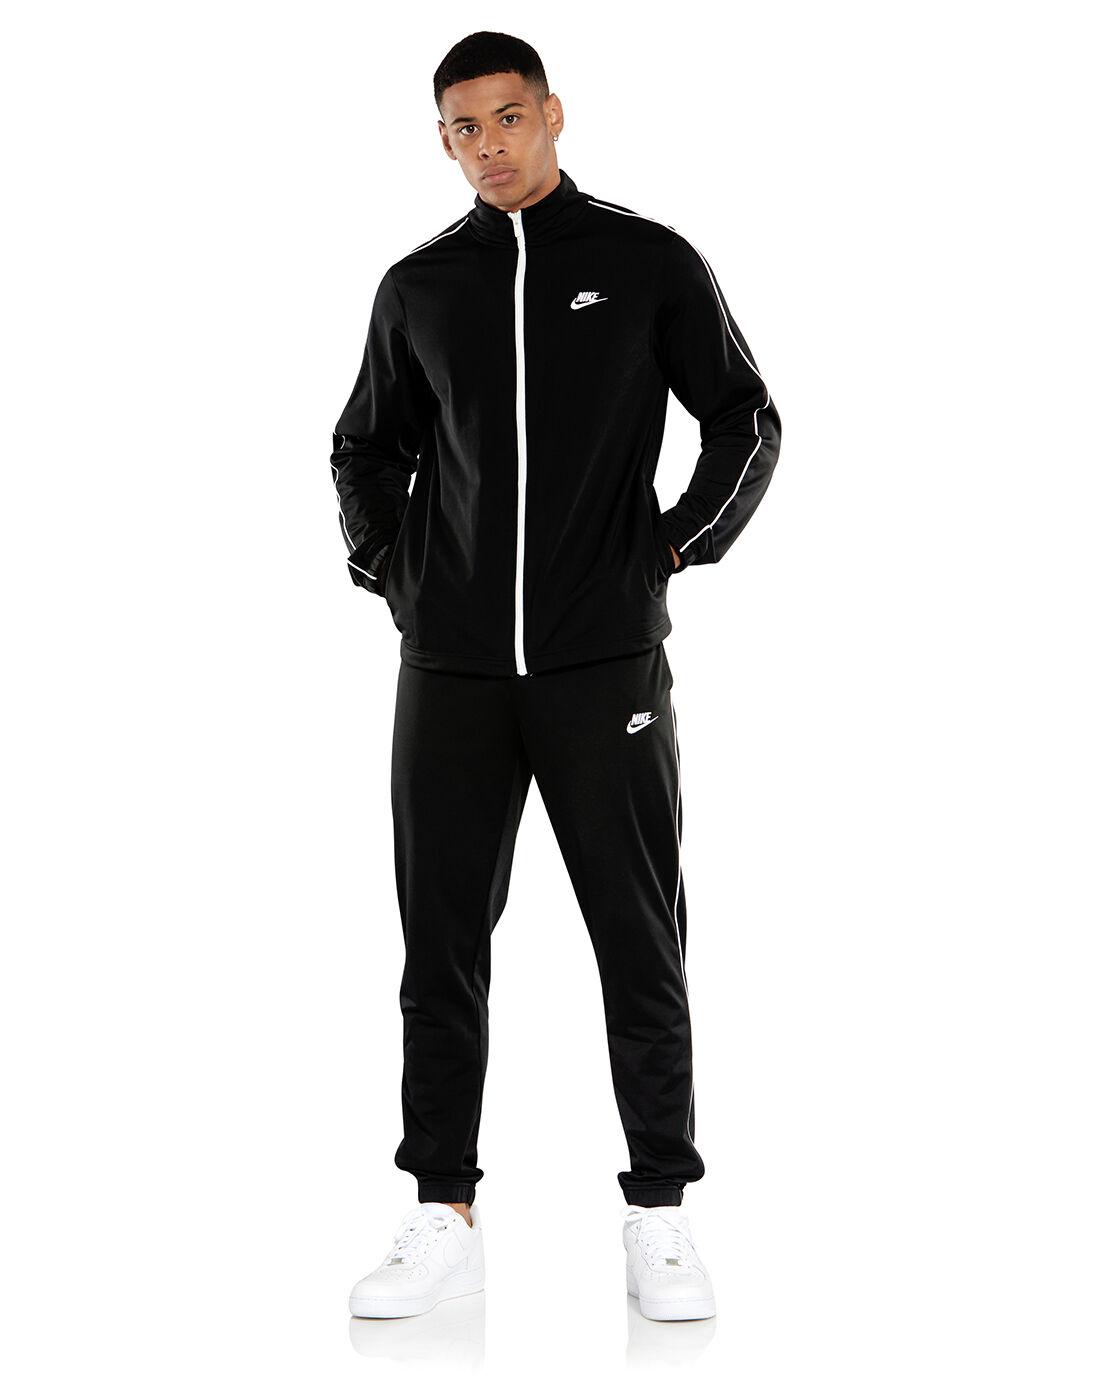 Men's Black Full Nike Tracksuit   Life Style Sports